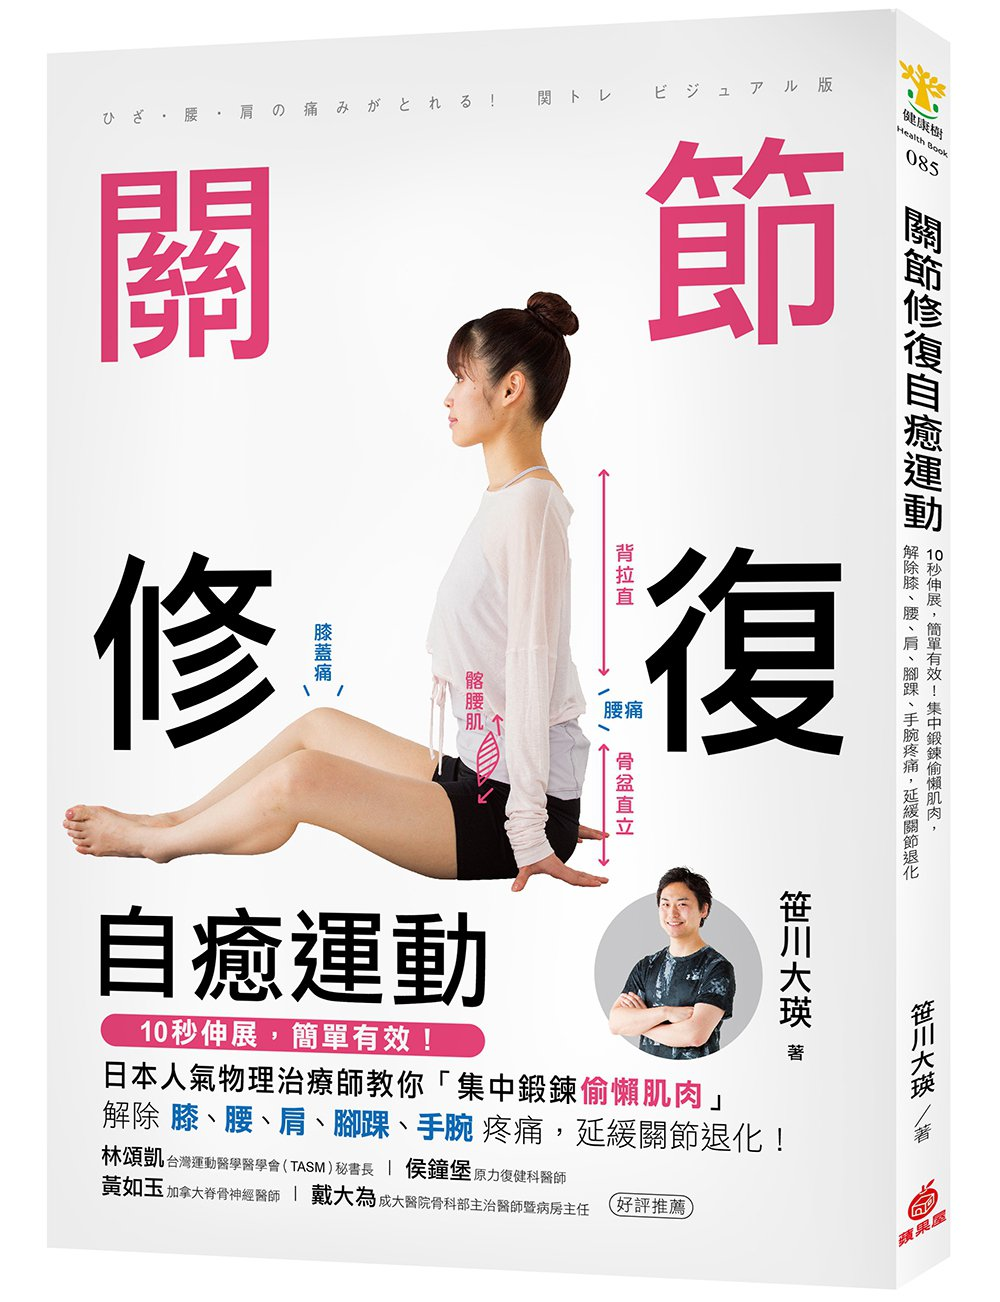 書名/《關節修復自癒運動》、作者/笹川大瑛、譯者/謝孟蓁、圖/蘋果屋出版社提供